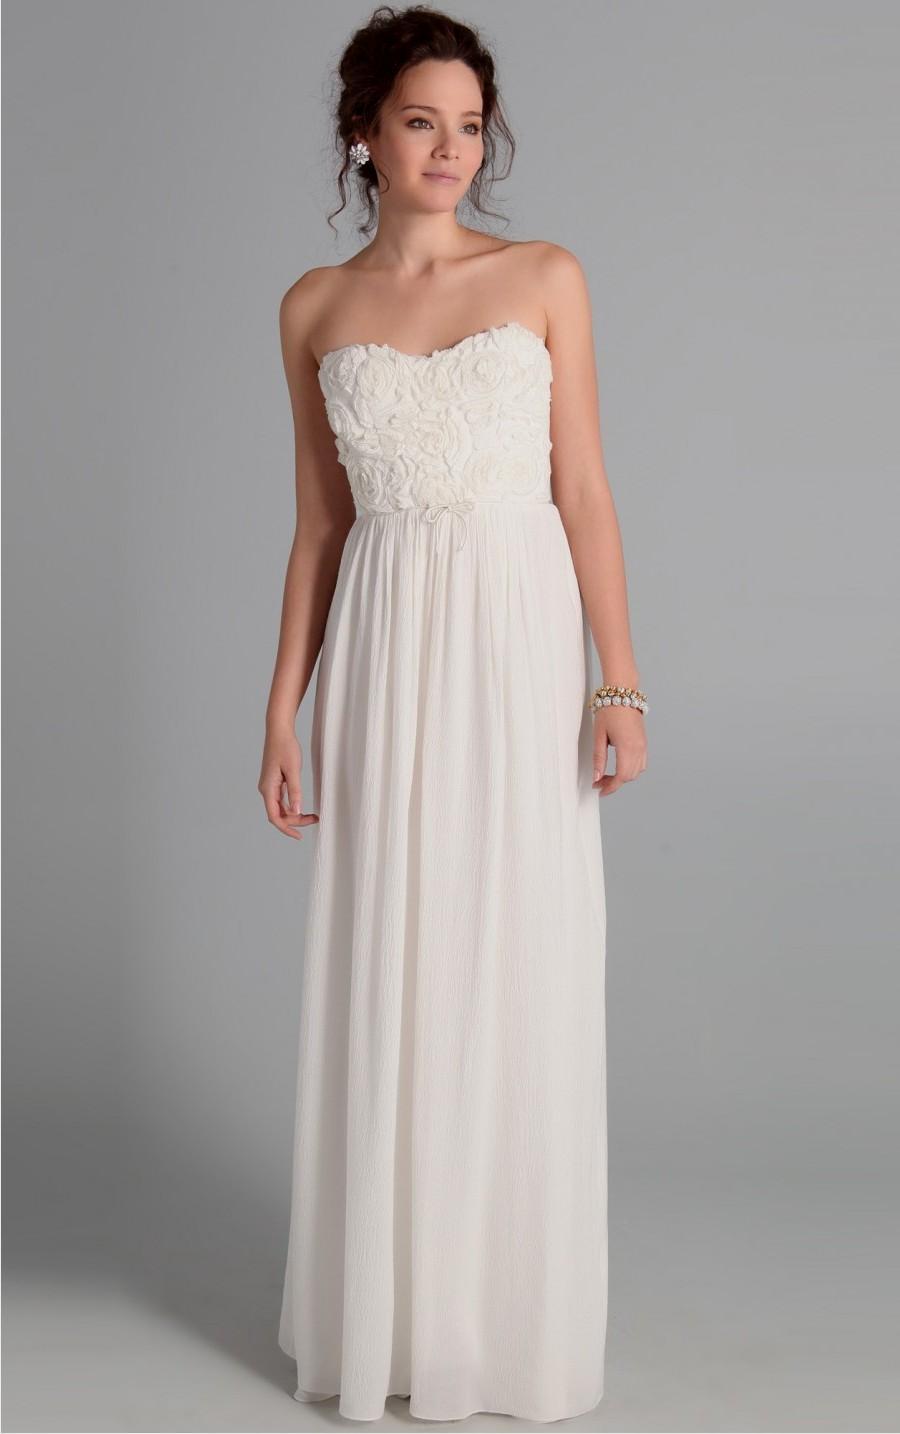 5cdd240eec54 casual white maxi dresses Naf Dresses